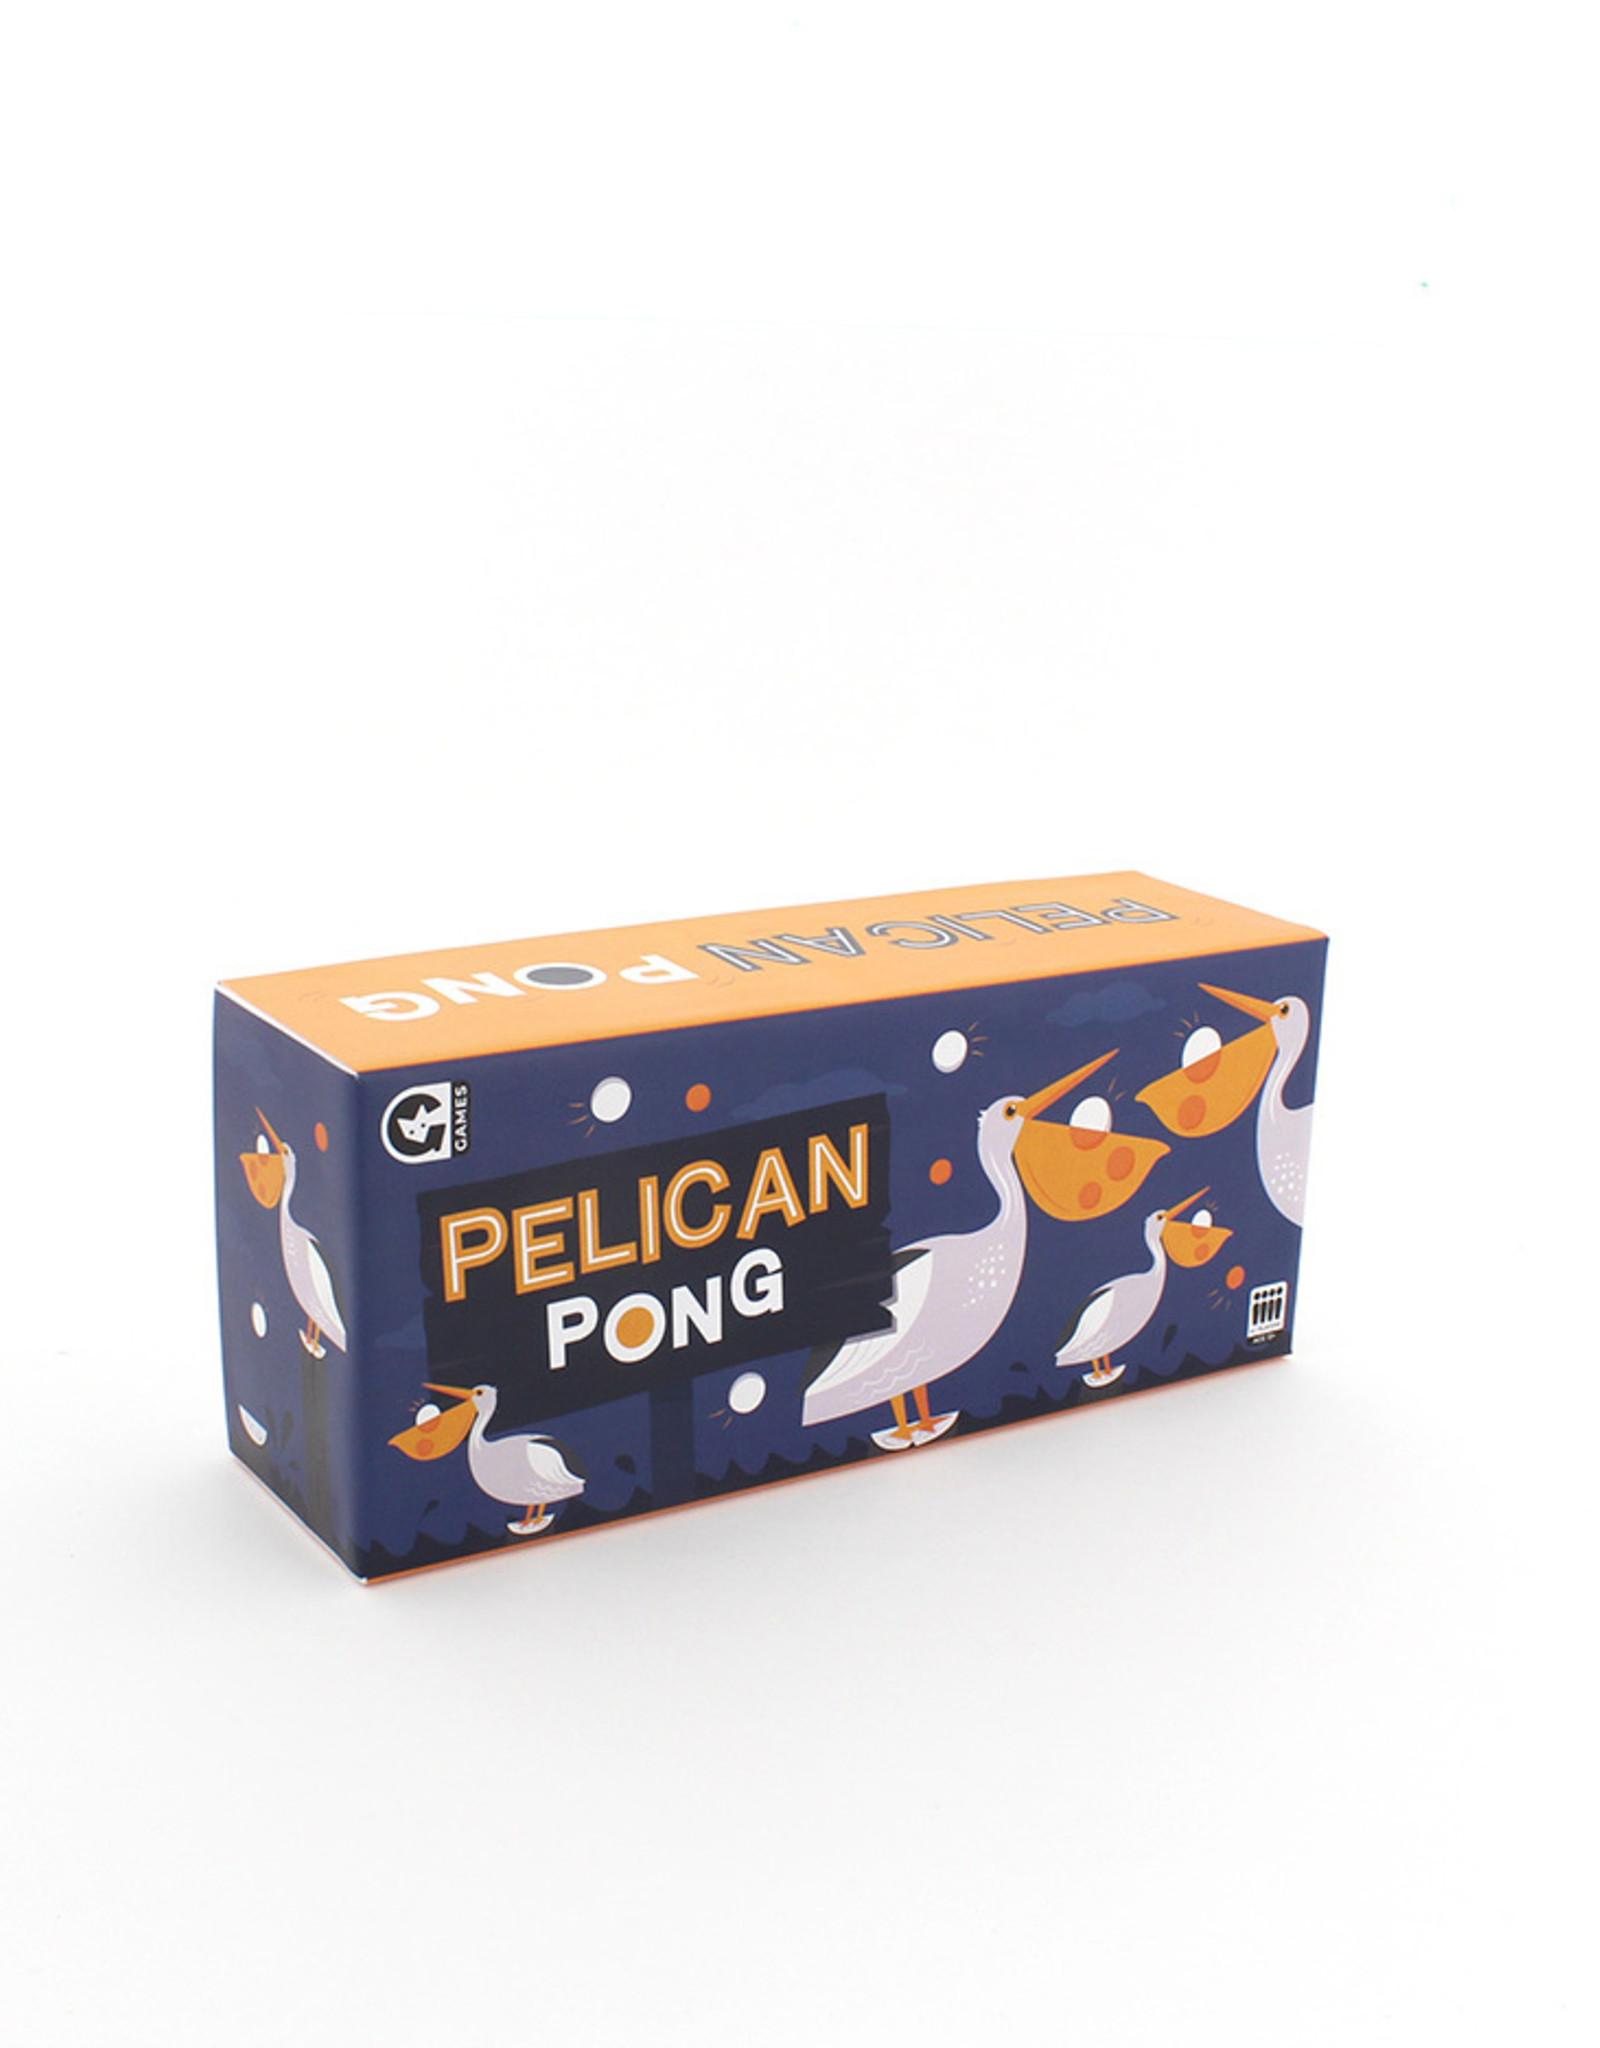 Pelican Pong Game